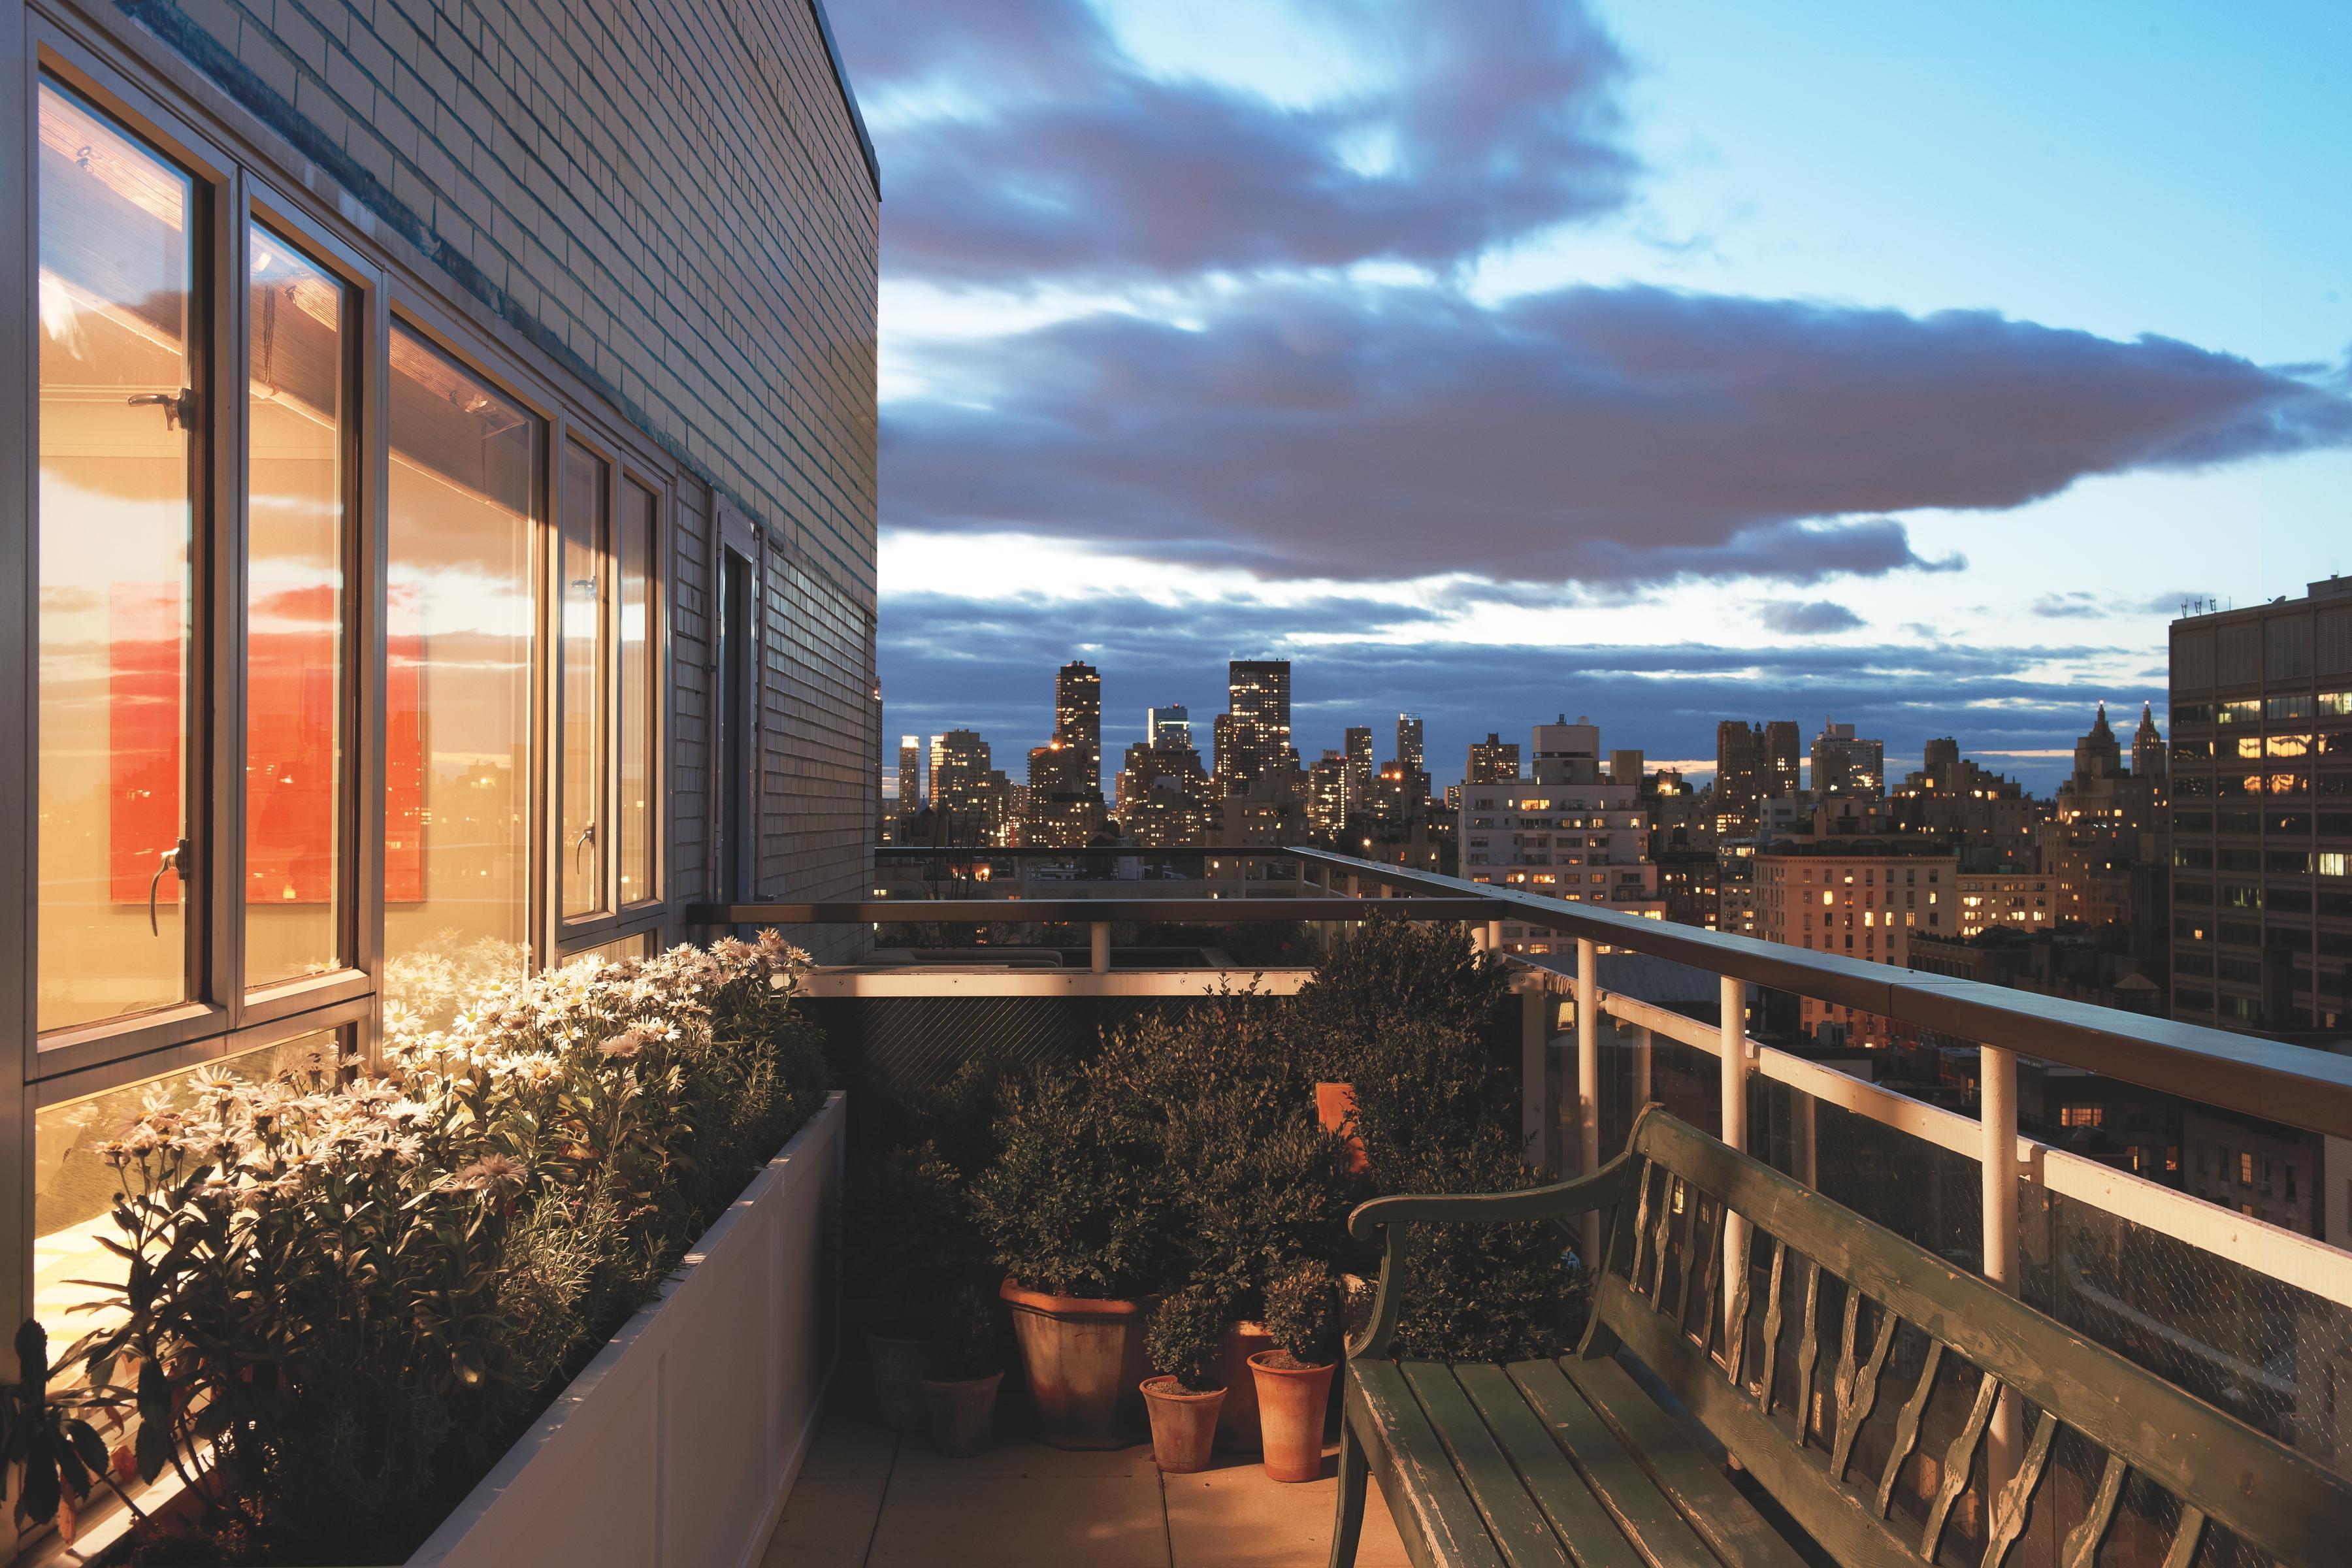 57396 скачать обои Интерьер, Стиль, Балкон, Разное, Мегаполис, Дизайн, Городская Квартира, Жилое Пространство - заставки и картинки бесплатно